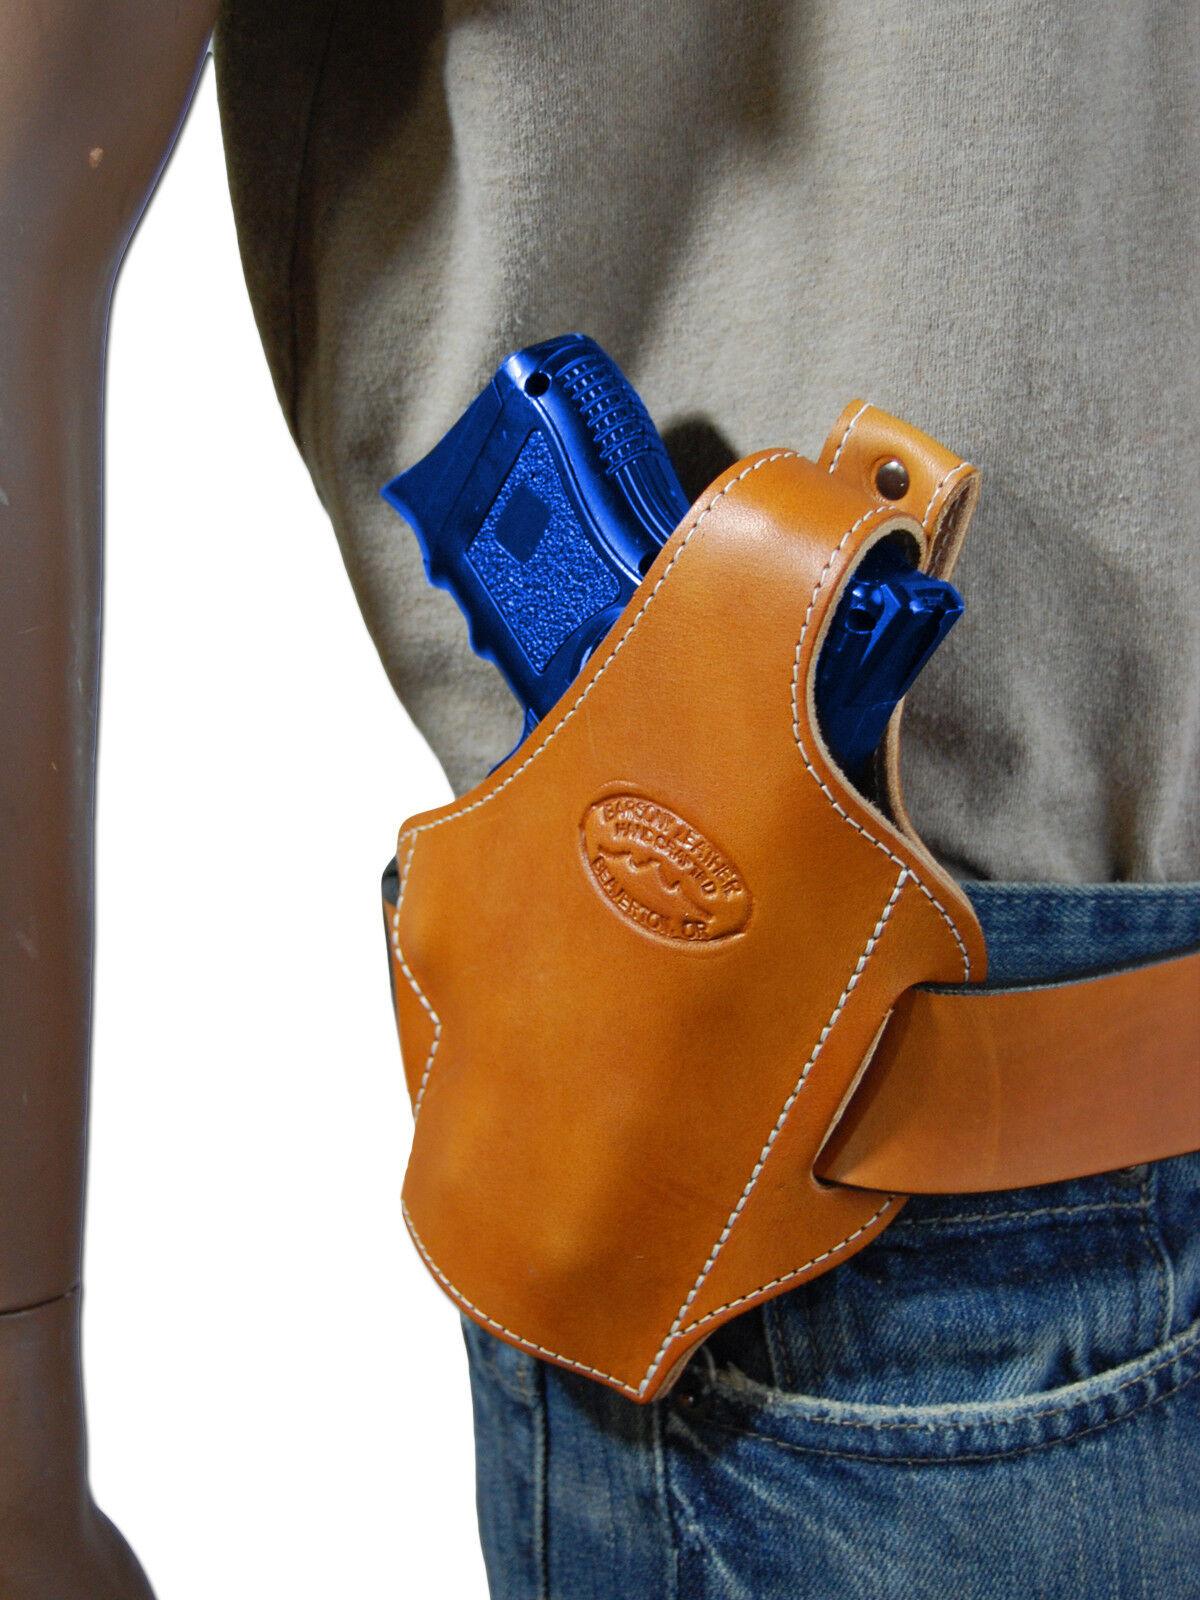 New Barsony Tan Leder Pancake Gun Holster for Colt, Kimber Kimber Colt, Compact 9mm 40 45 fd49ae